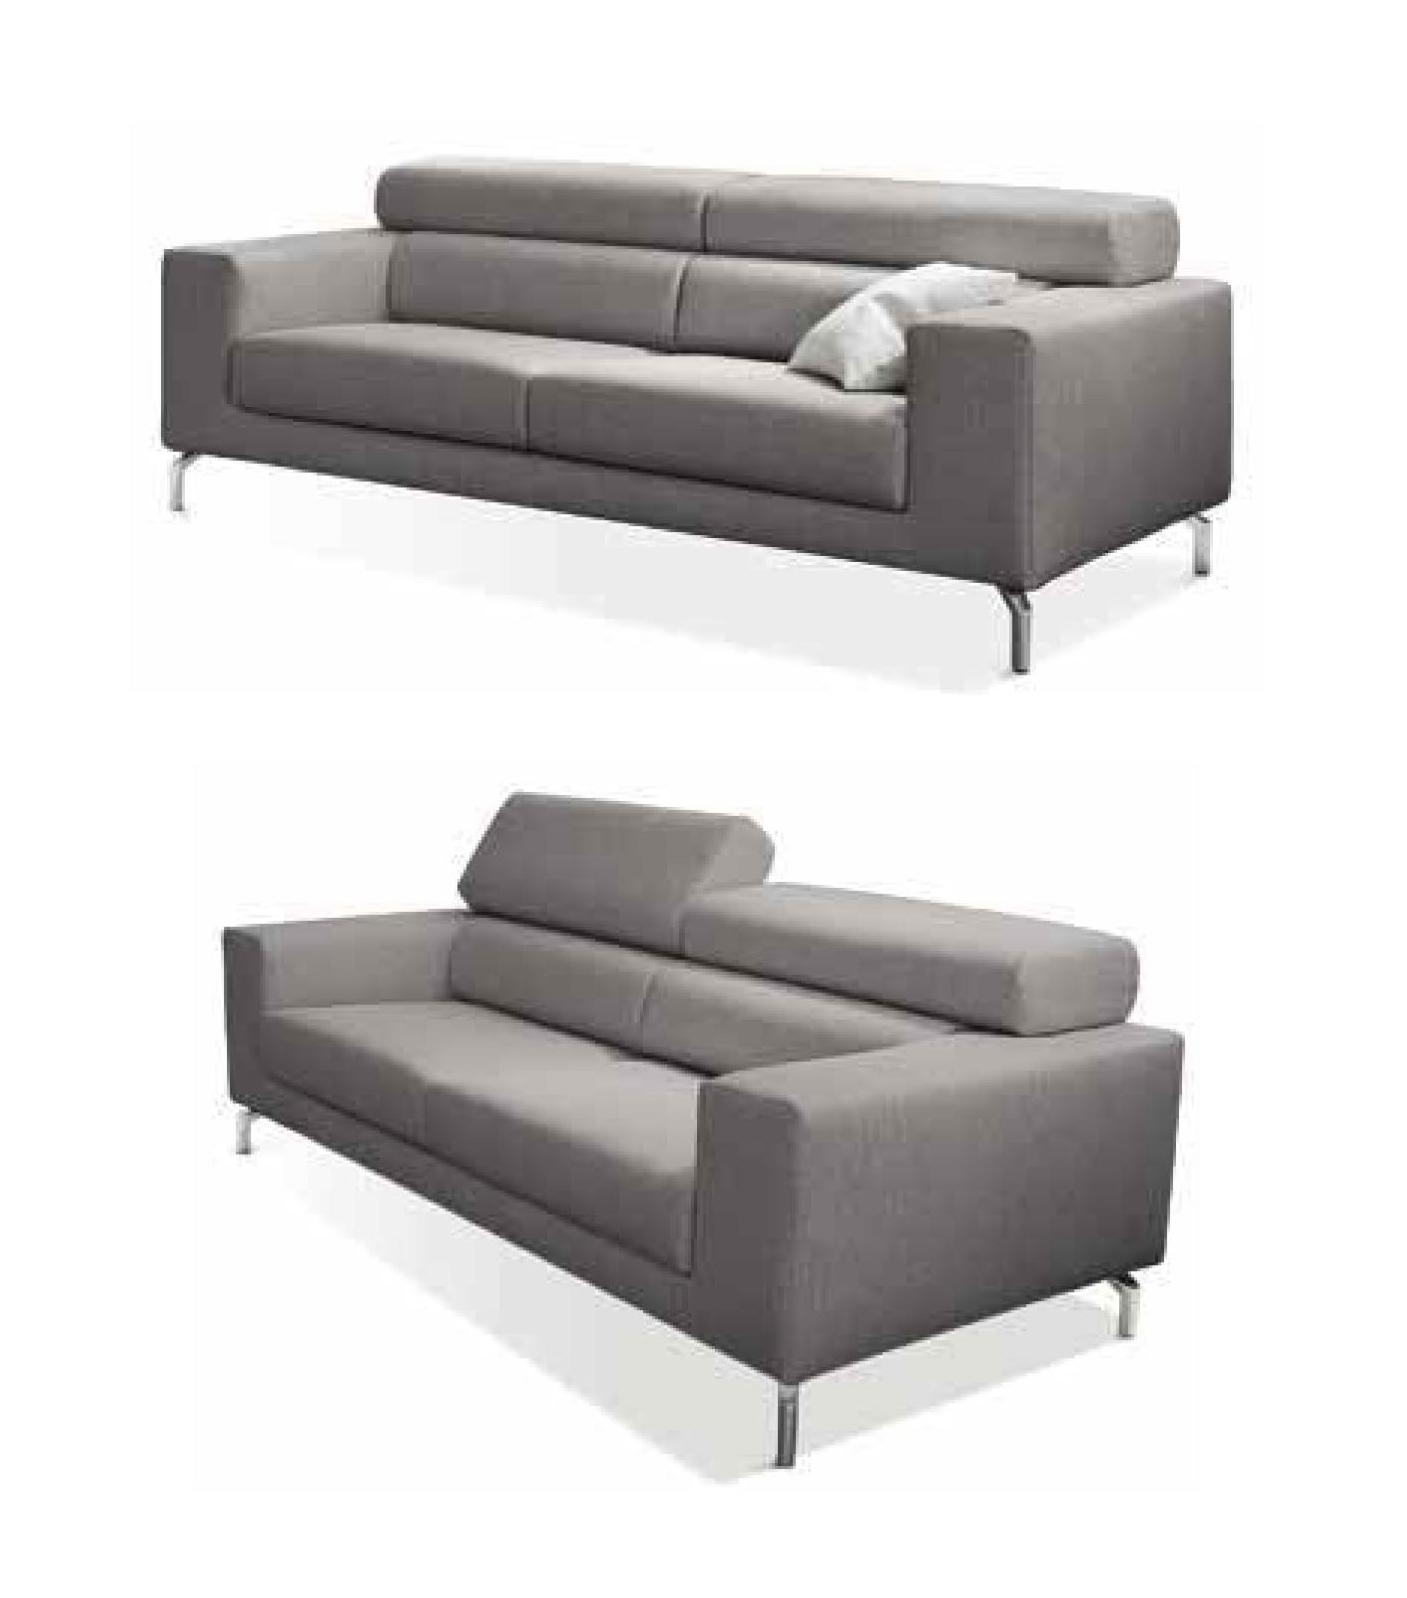 Misure divano tre posti lampo dispone di vari modelli di - Misure divano tre posti ...